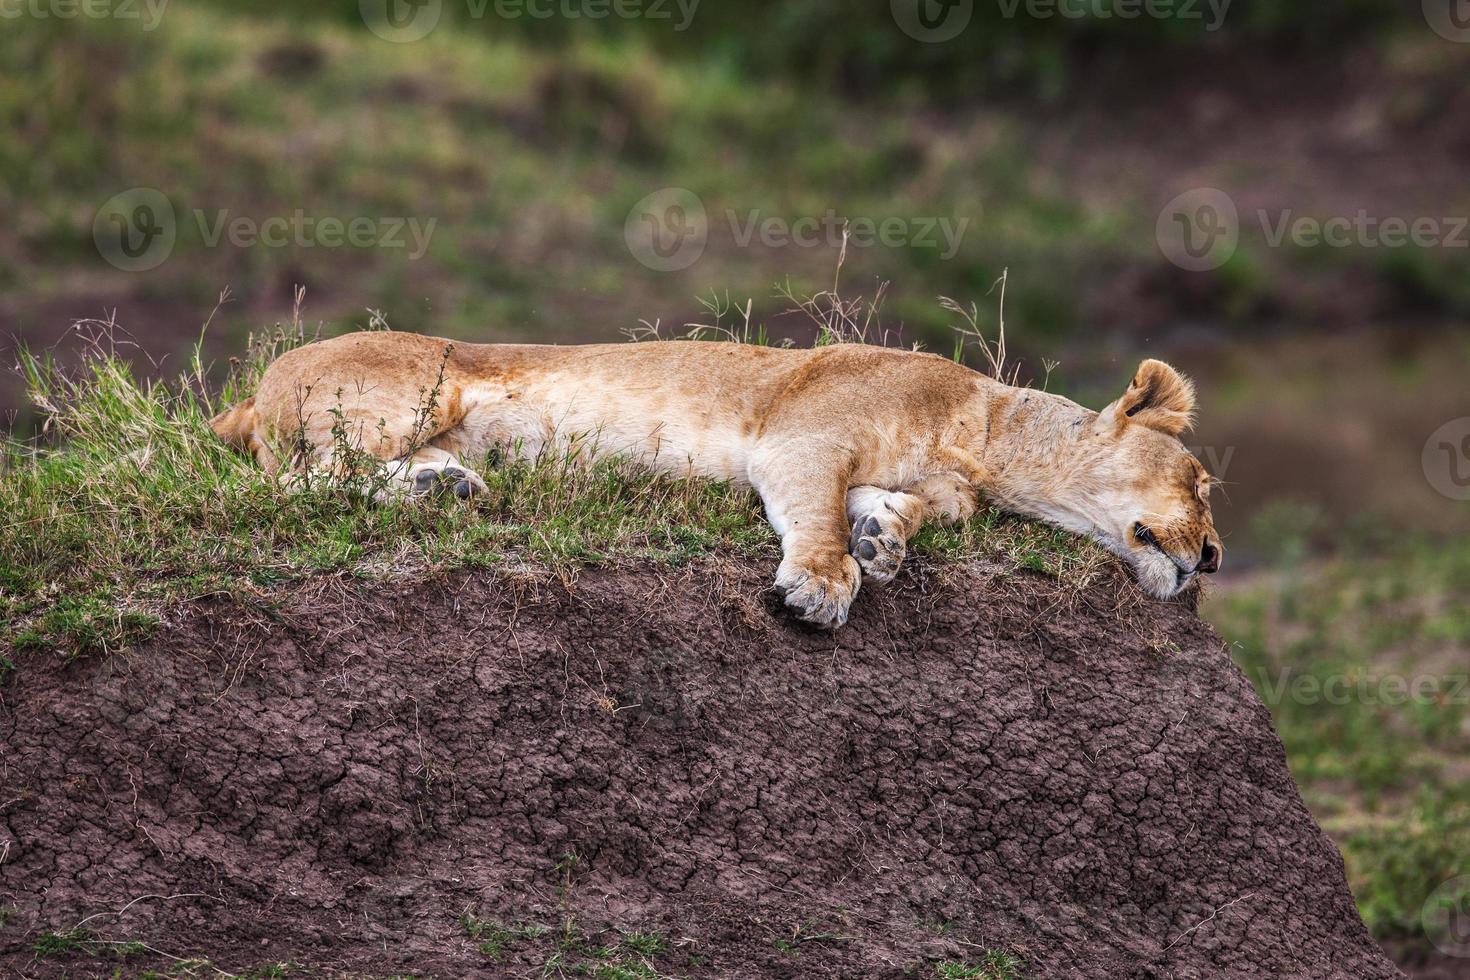 vrouwelijke leeuw ontspannen op een rots in het groene kreupelhout foto